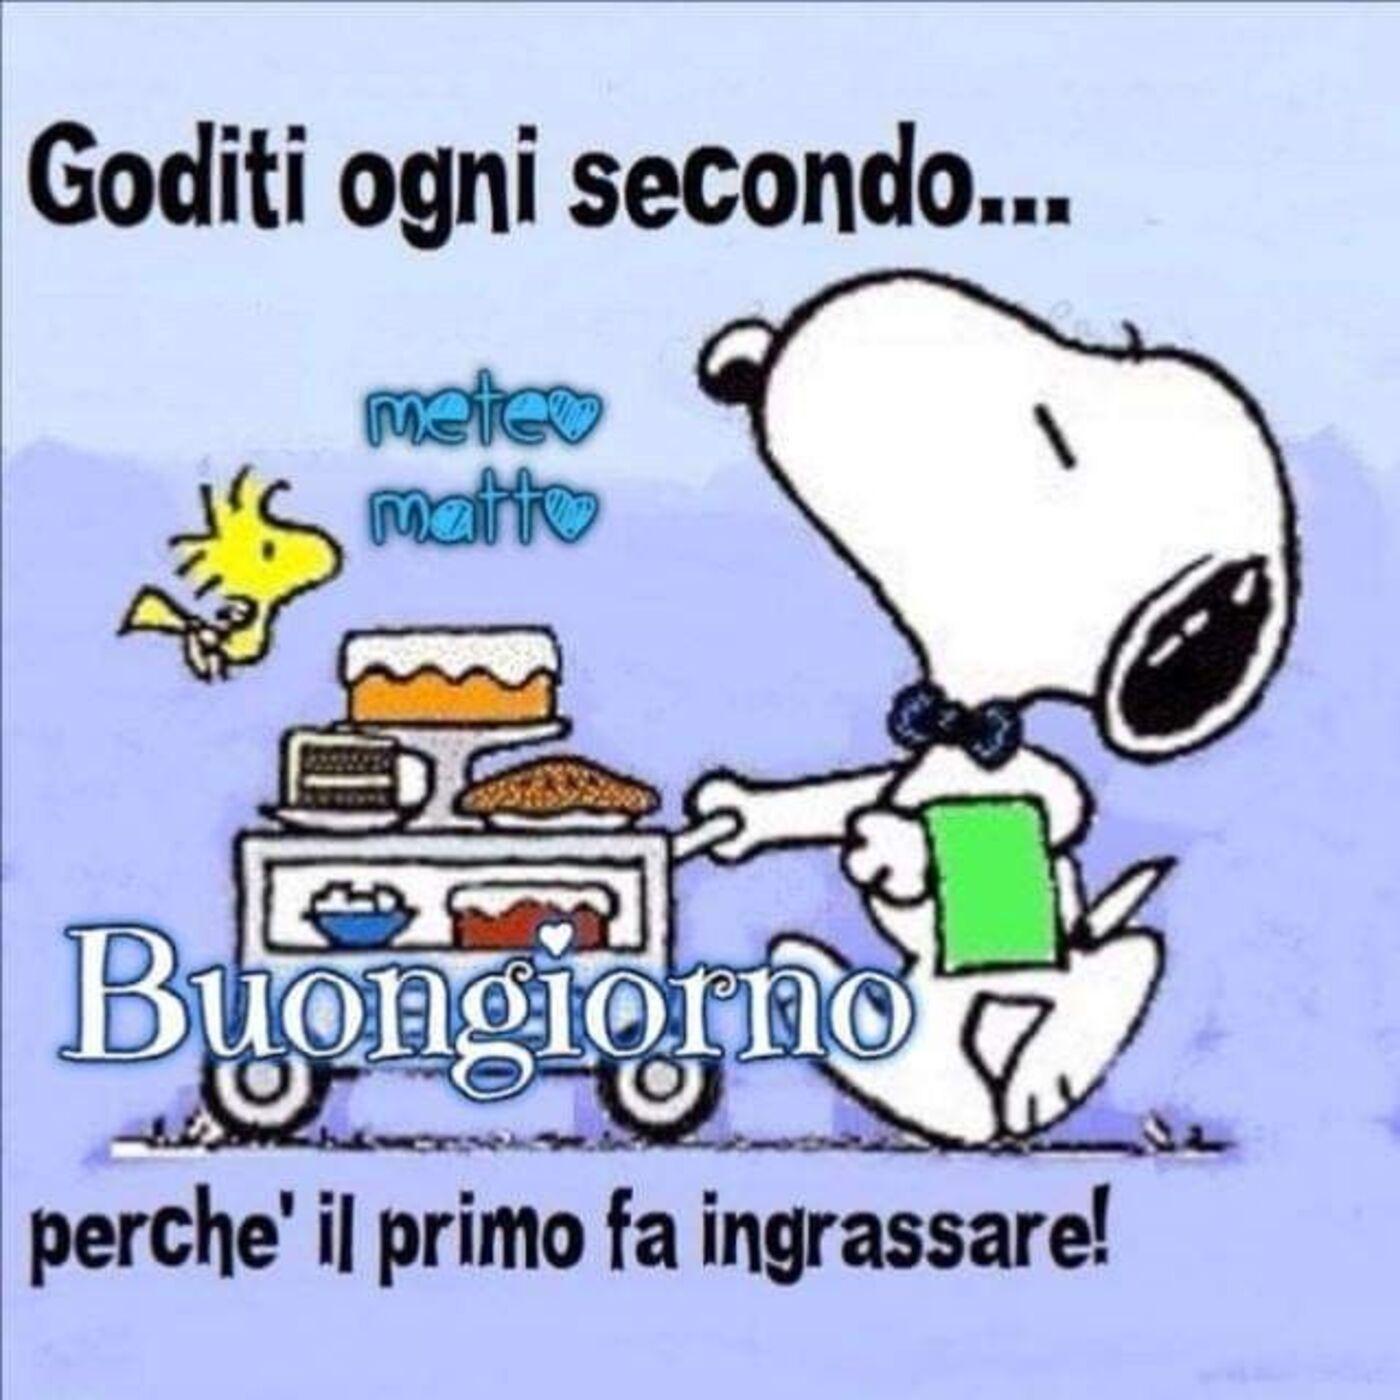 Buongiorno immagini divertenti con Snoopy